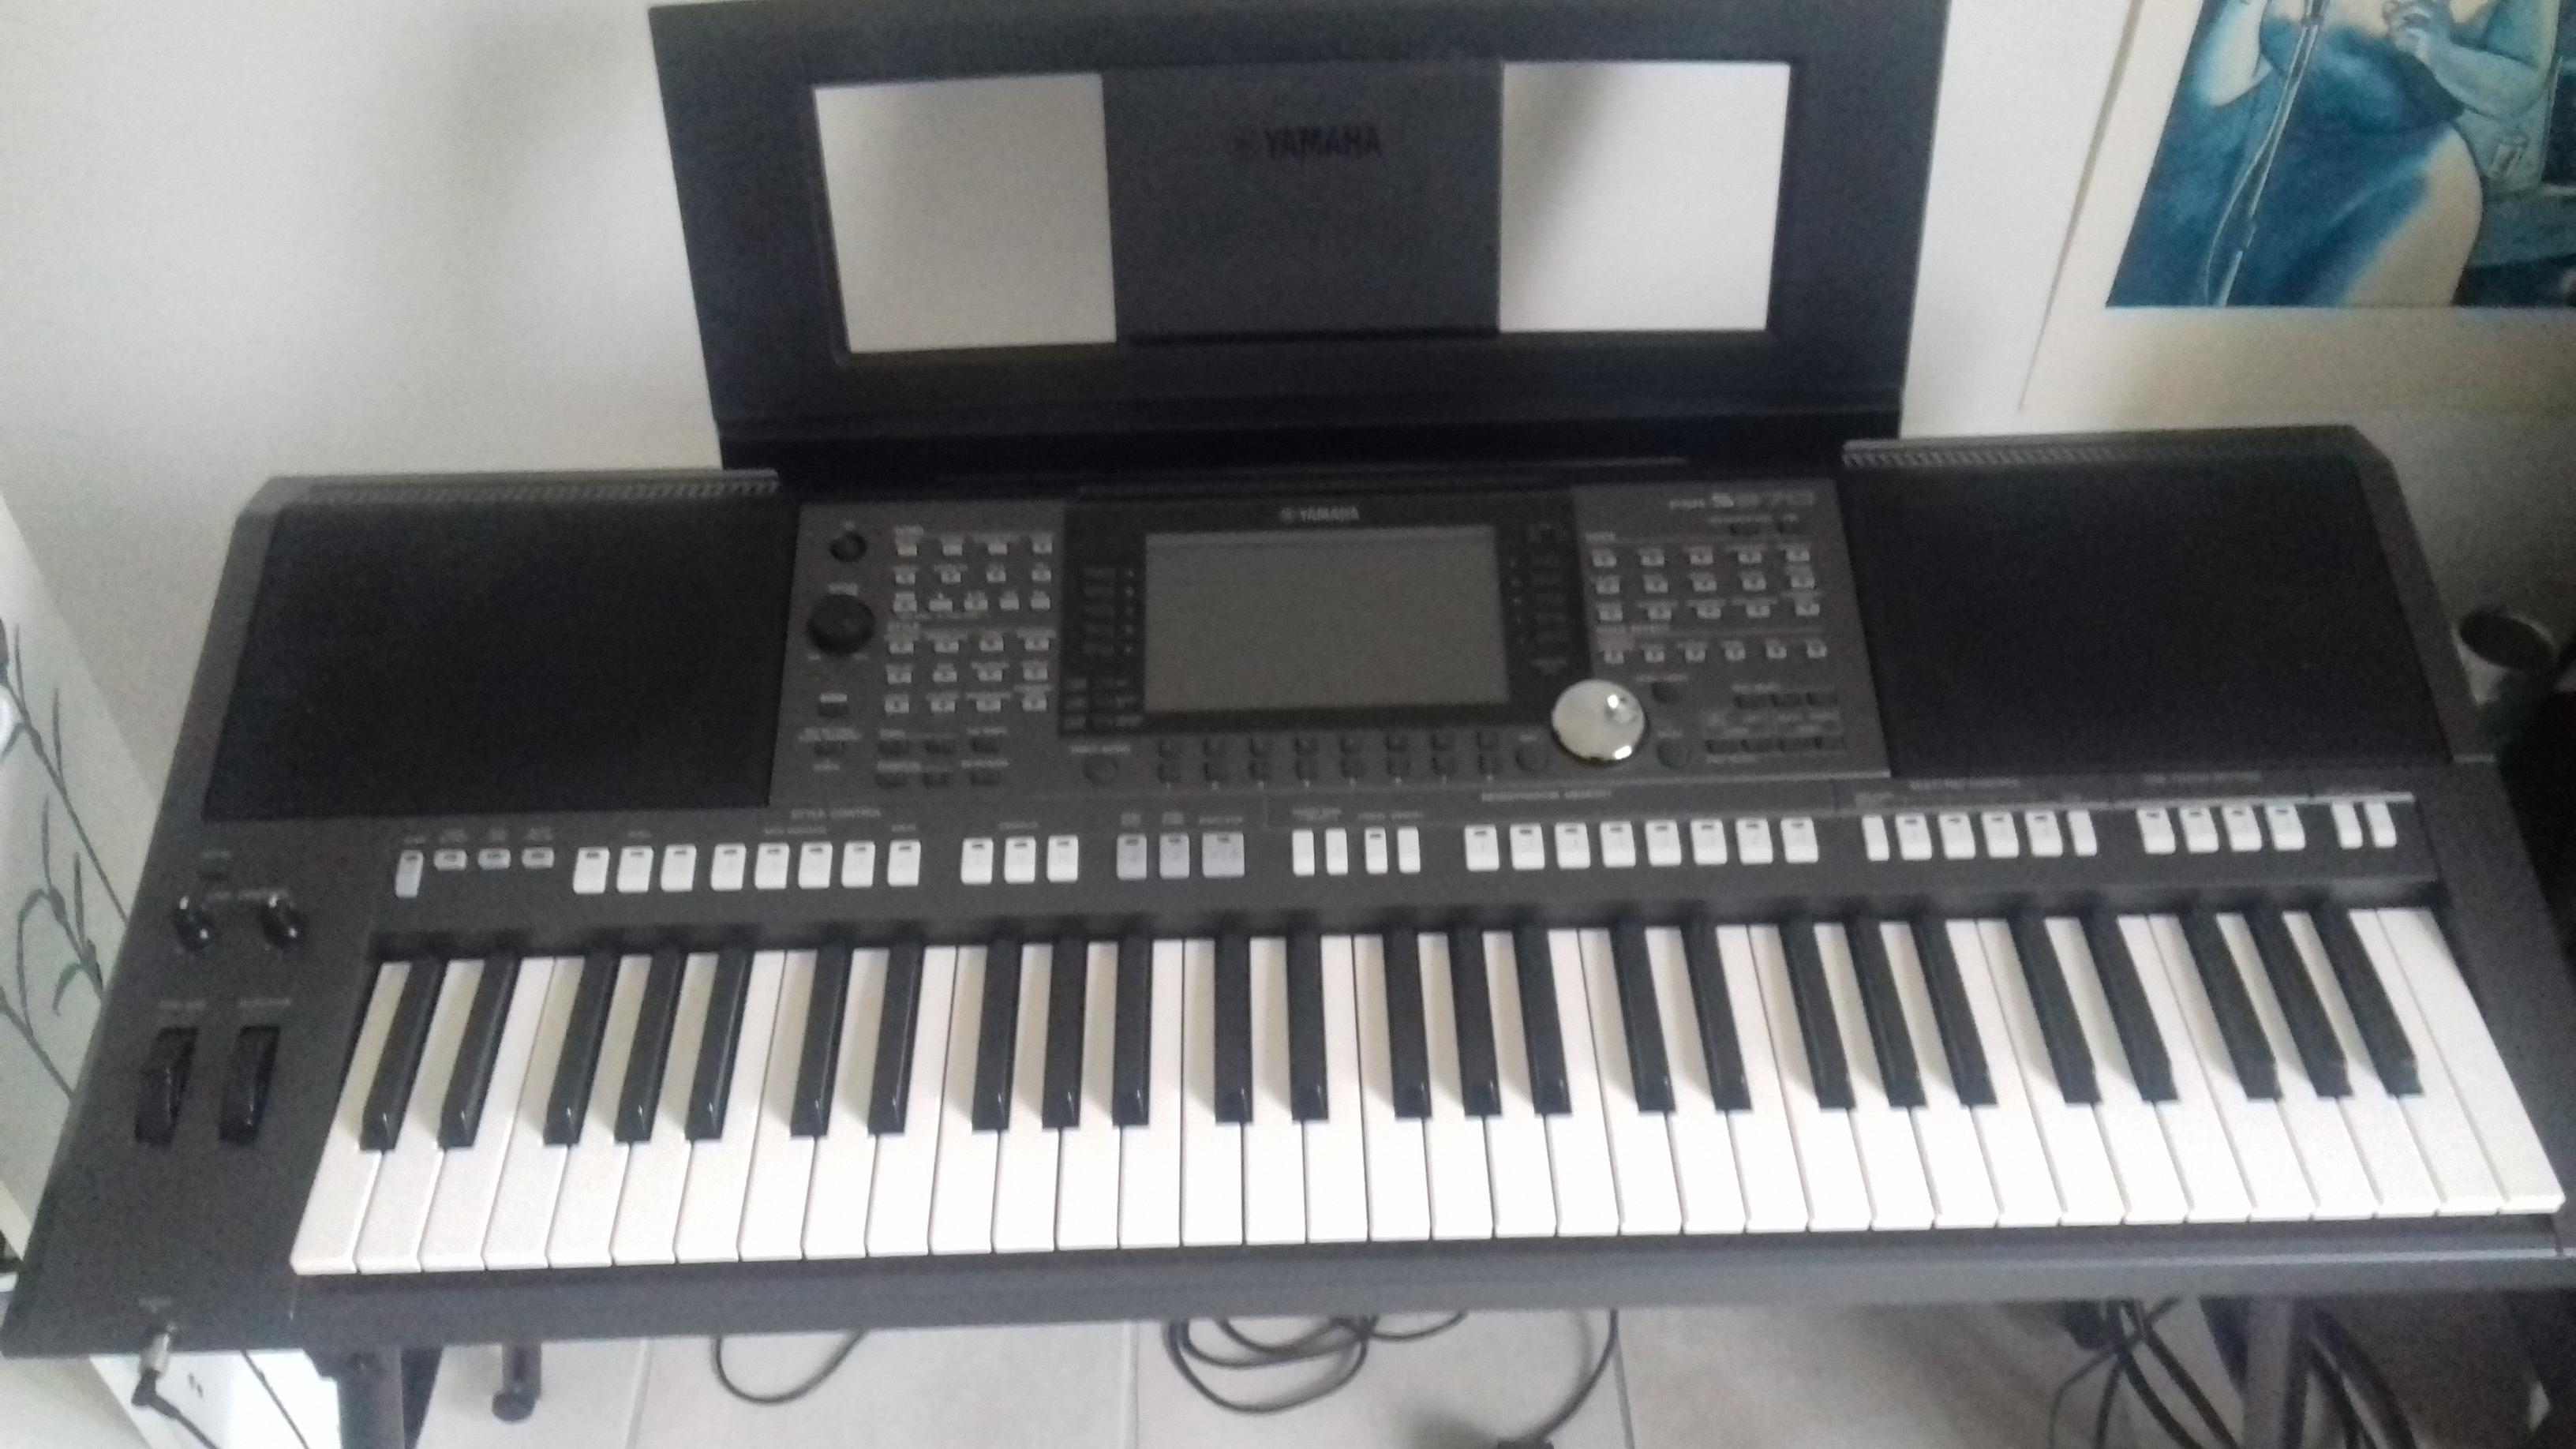 Psr s970 yamaha psr s970 audiofanzine for Yamaha psr s